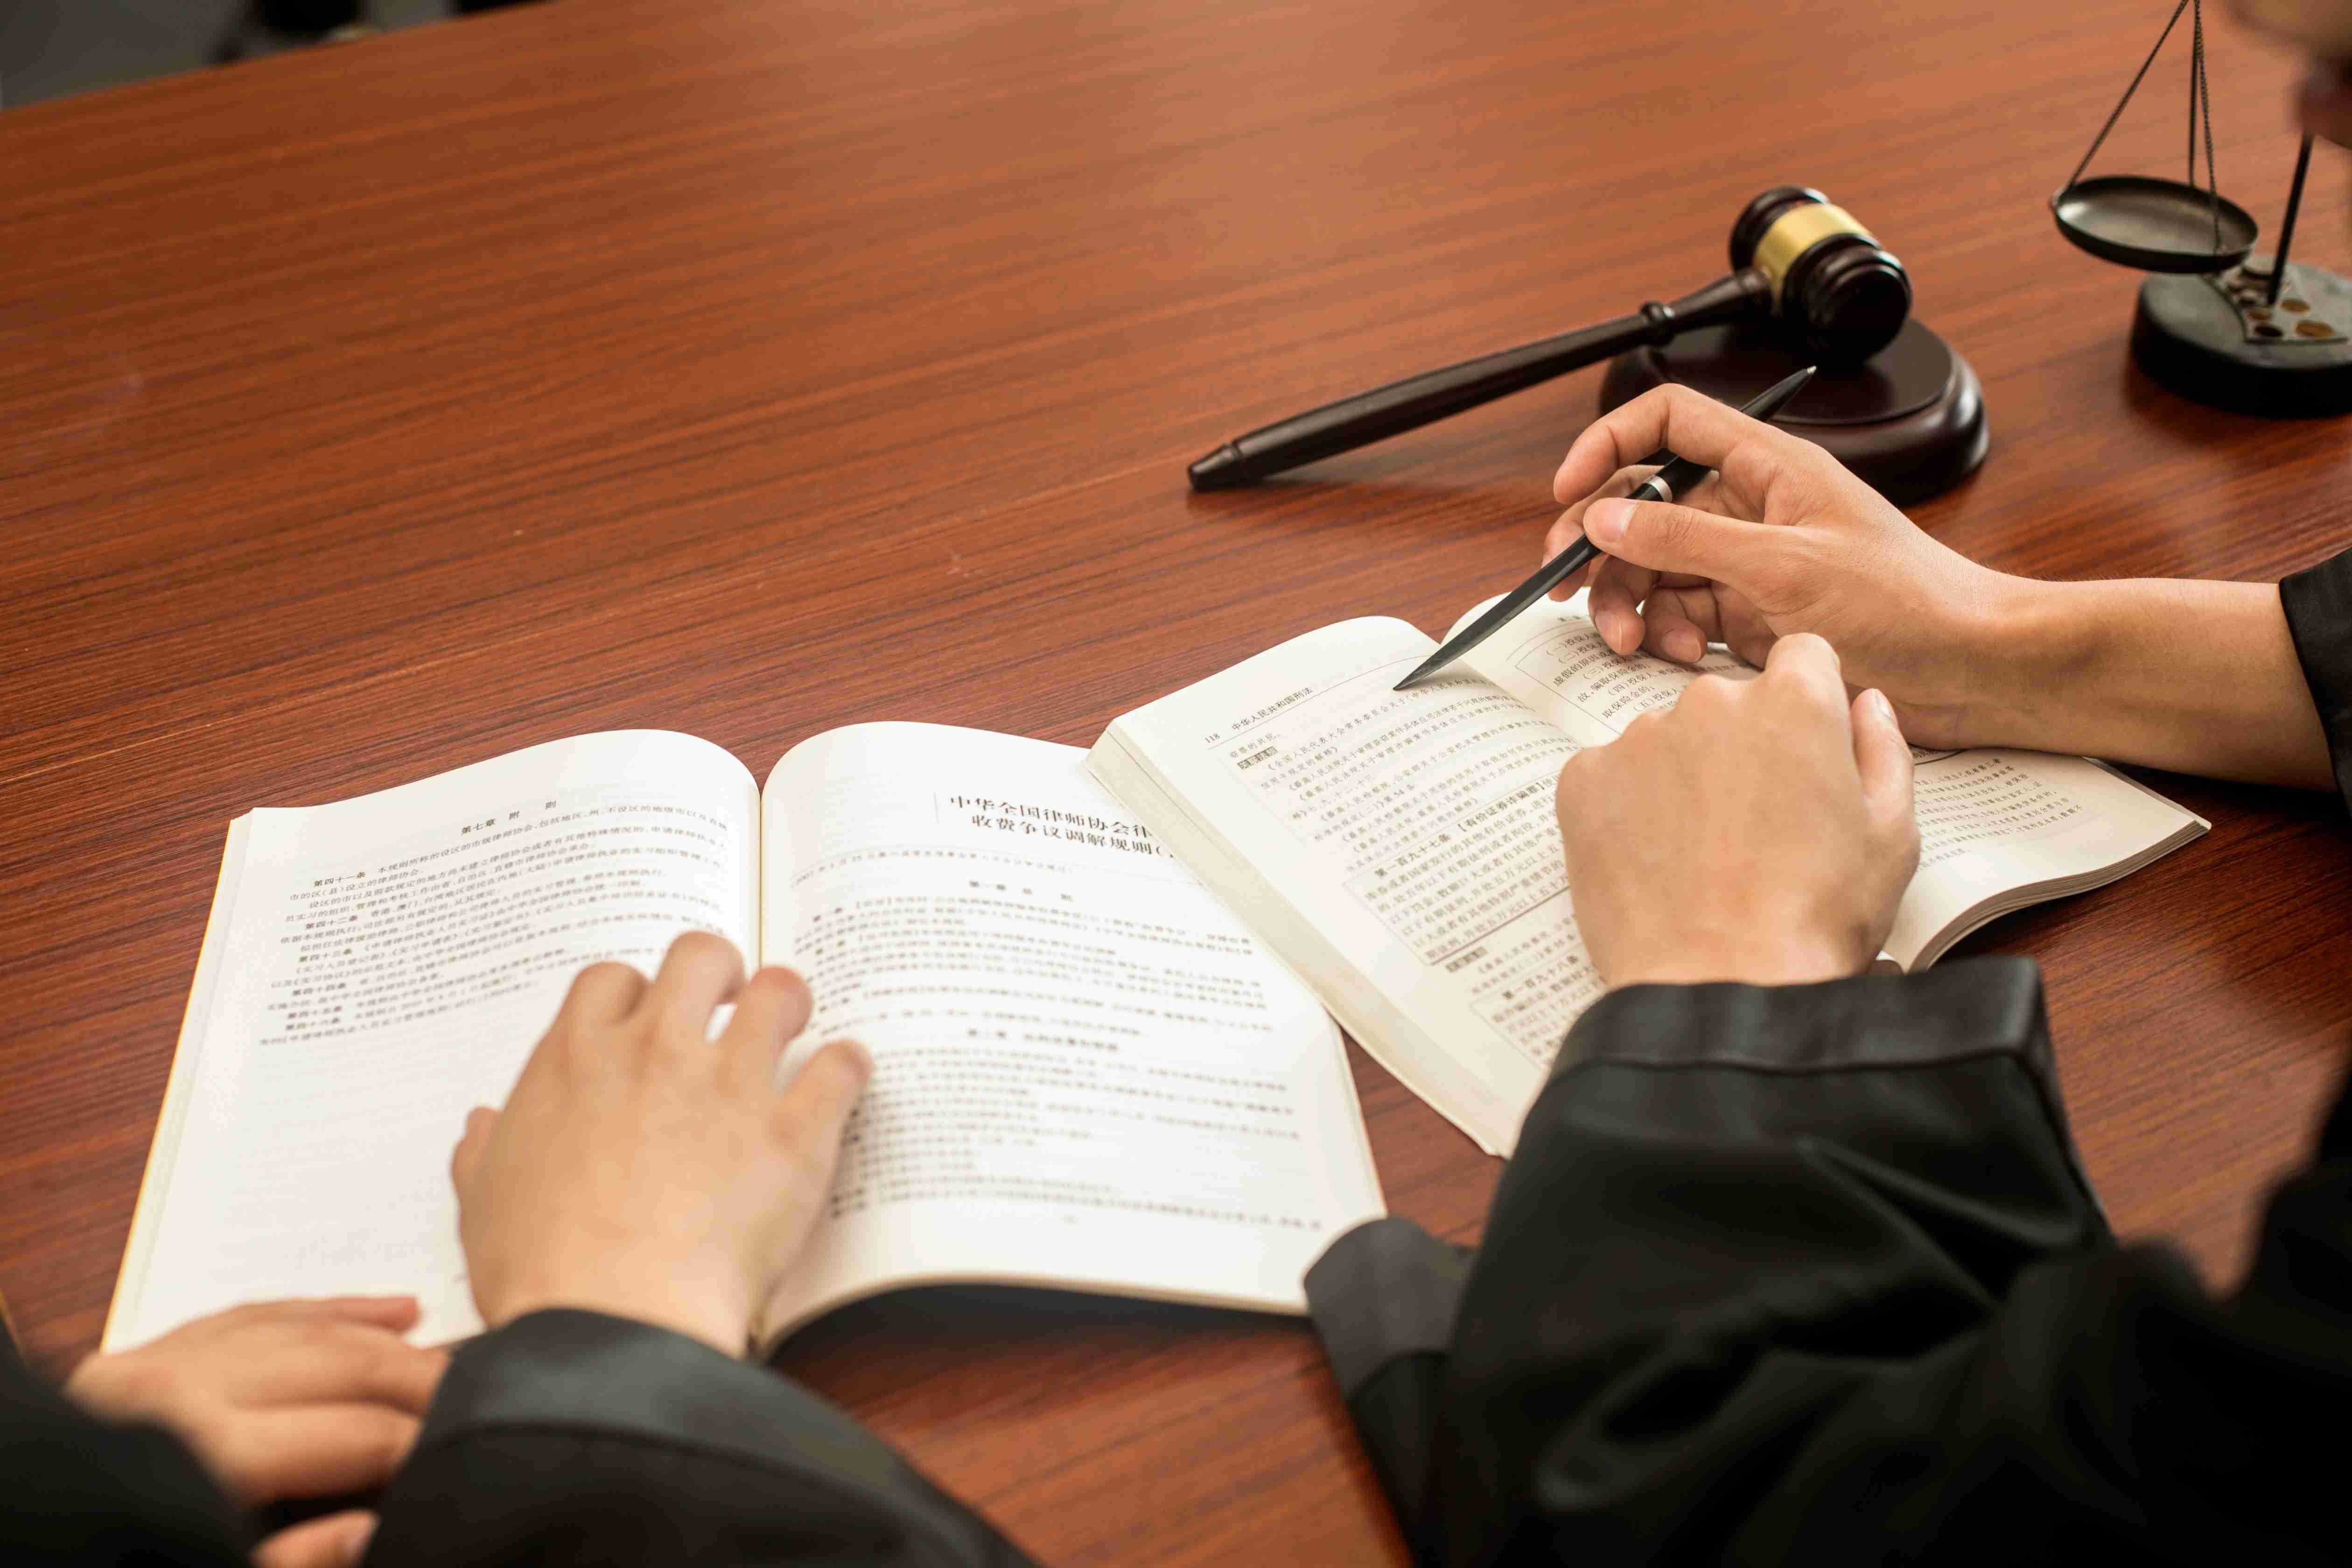 服装知识产权保护应该怎么做?被抄袭怎么维权